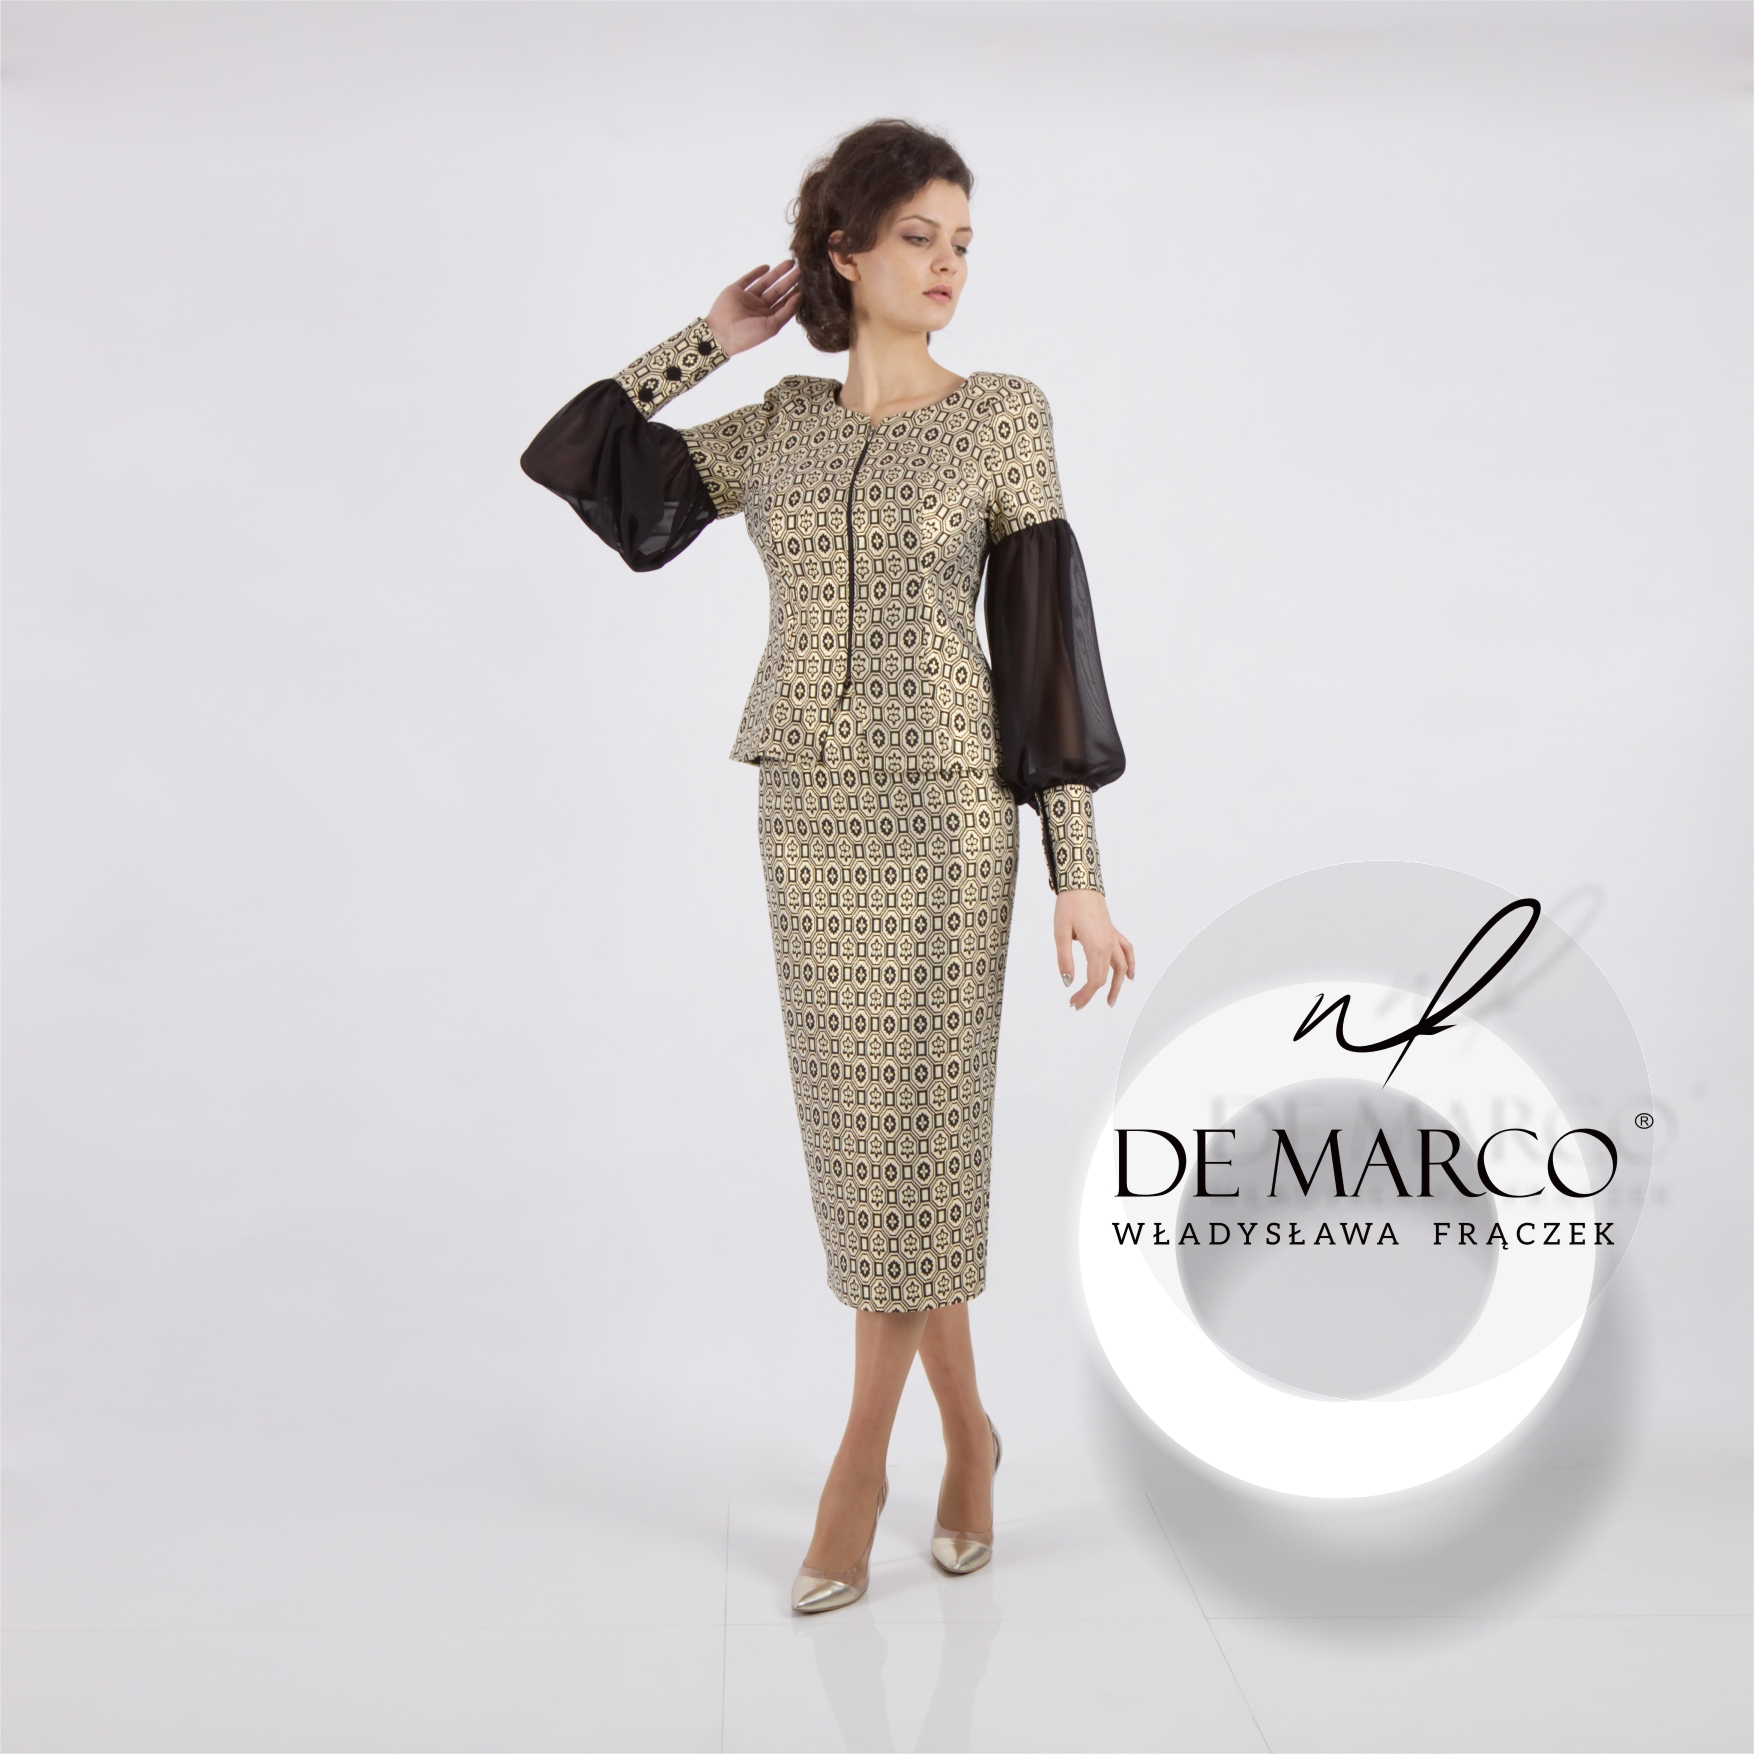 Eleganckie garsonki i kostiumy damskie szyte na miarę w każdym rozmiarze. Sklep internetowy De Marco.